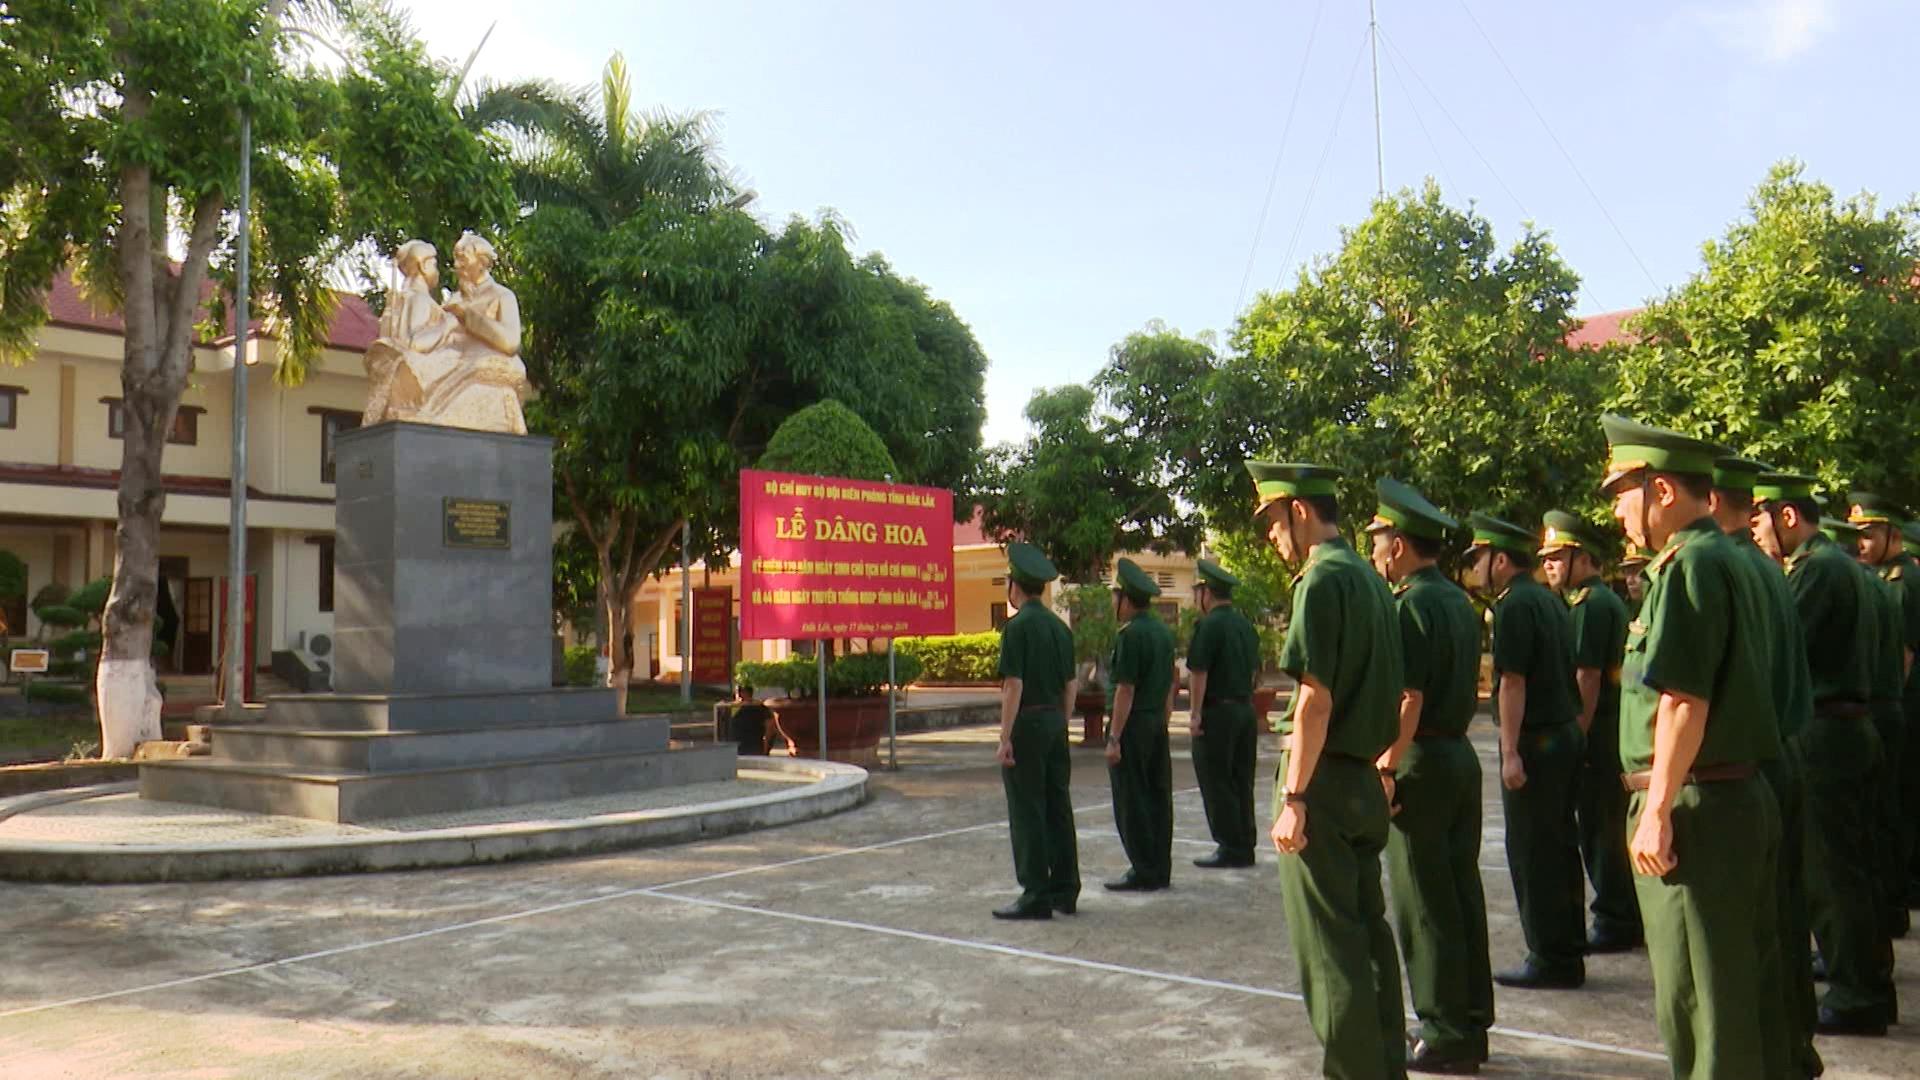 Bộ đội Biên phòng tỉnh Đắk Lắk dâng hoa tượng đài Bác Hồ với Chiến sĩ Biên phòng